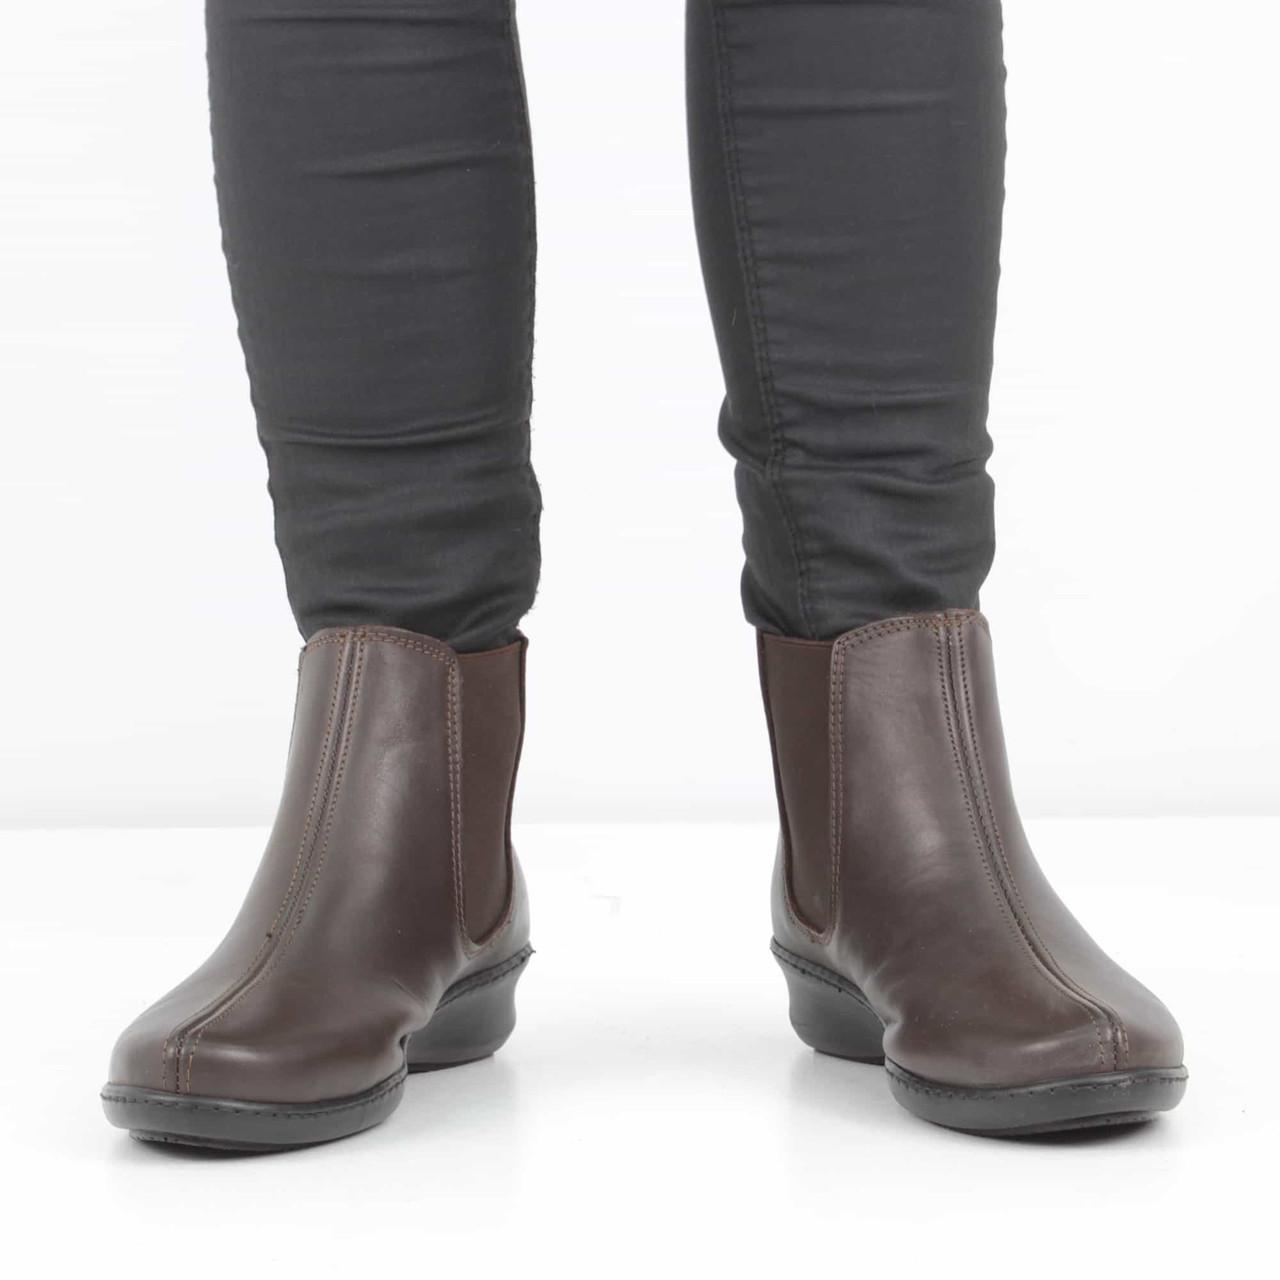 f95368dc5 Кожаные темно-коричневые ботинки на танкетке (весна-осень), 37 размер, ...